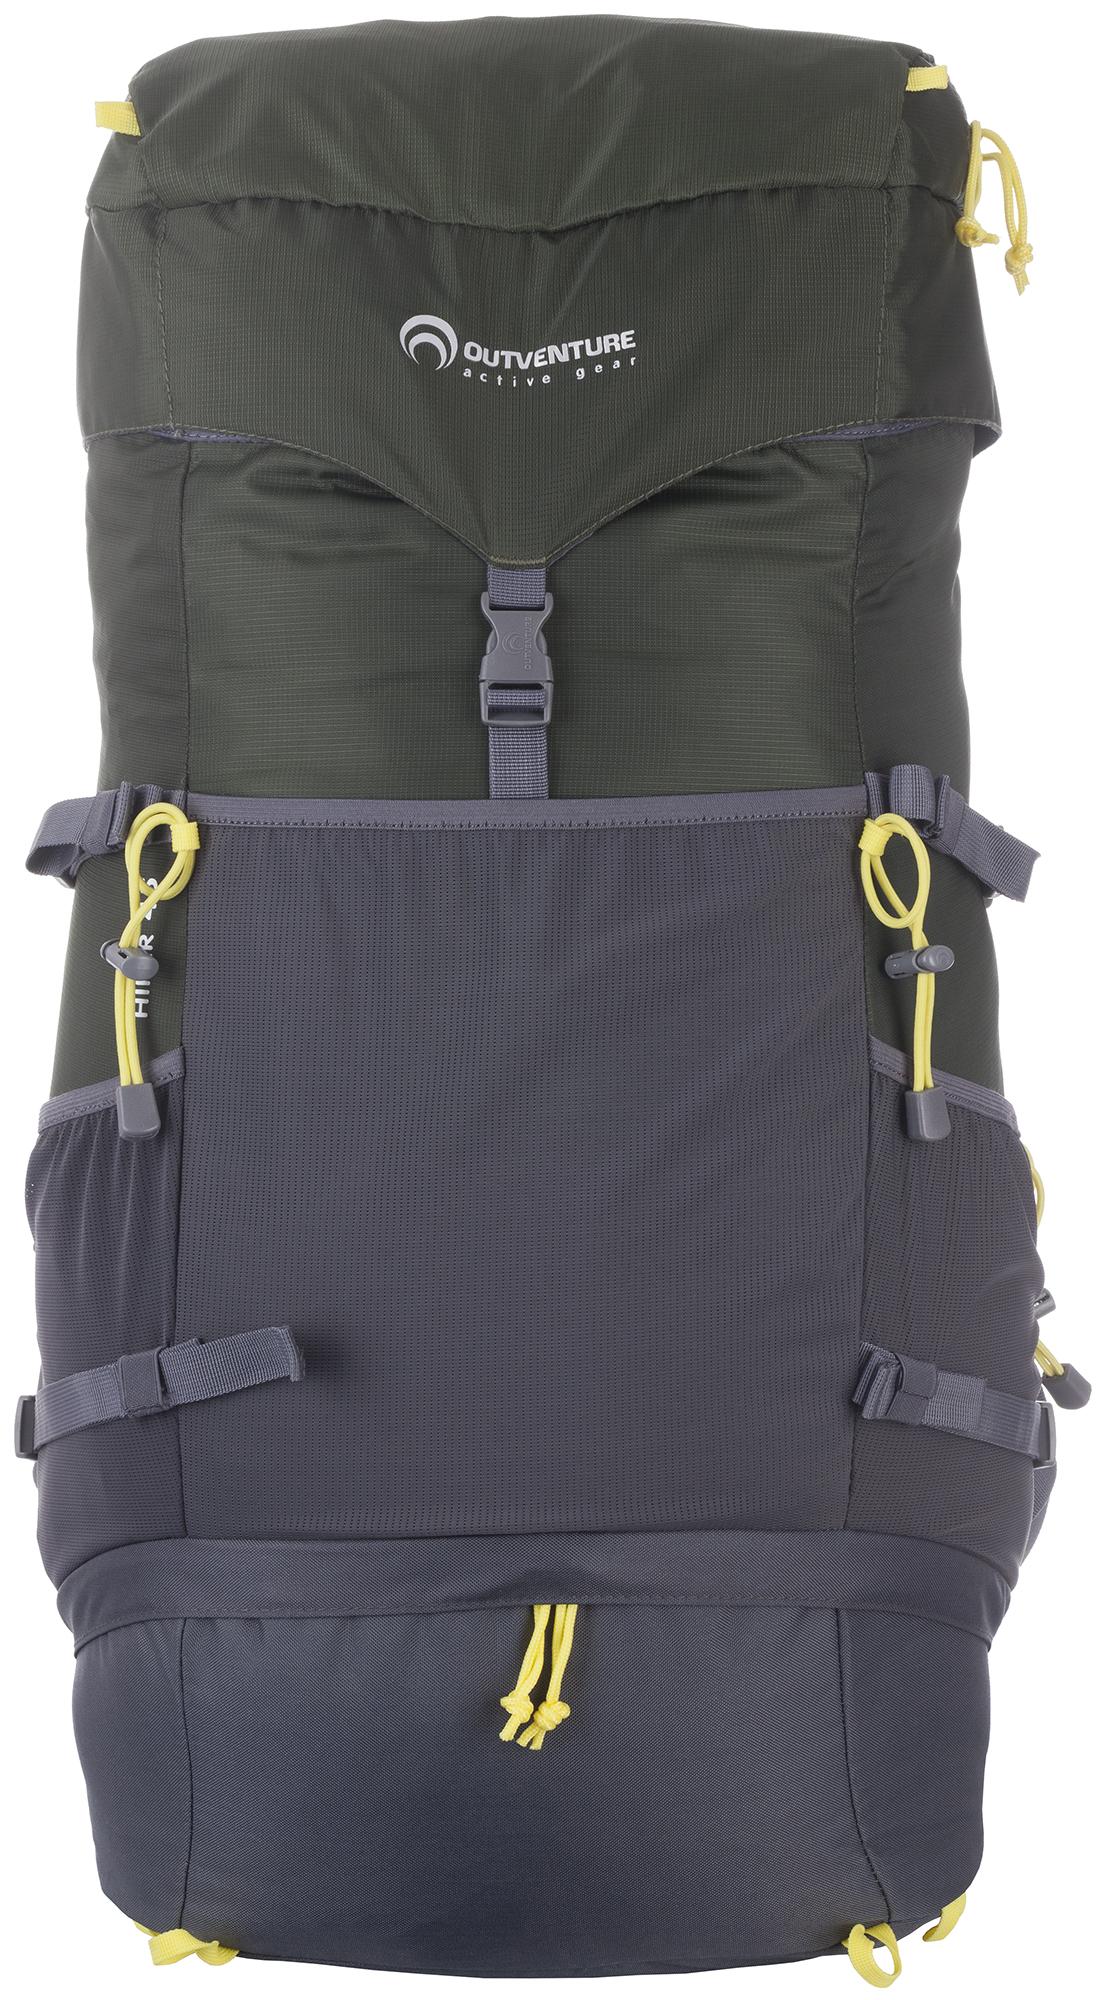 Outventure Outventure New Hiker 45